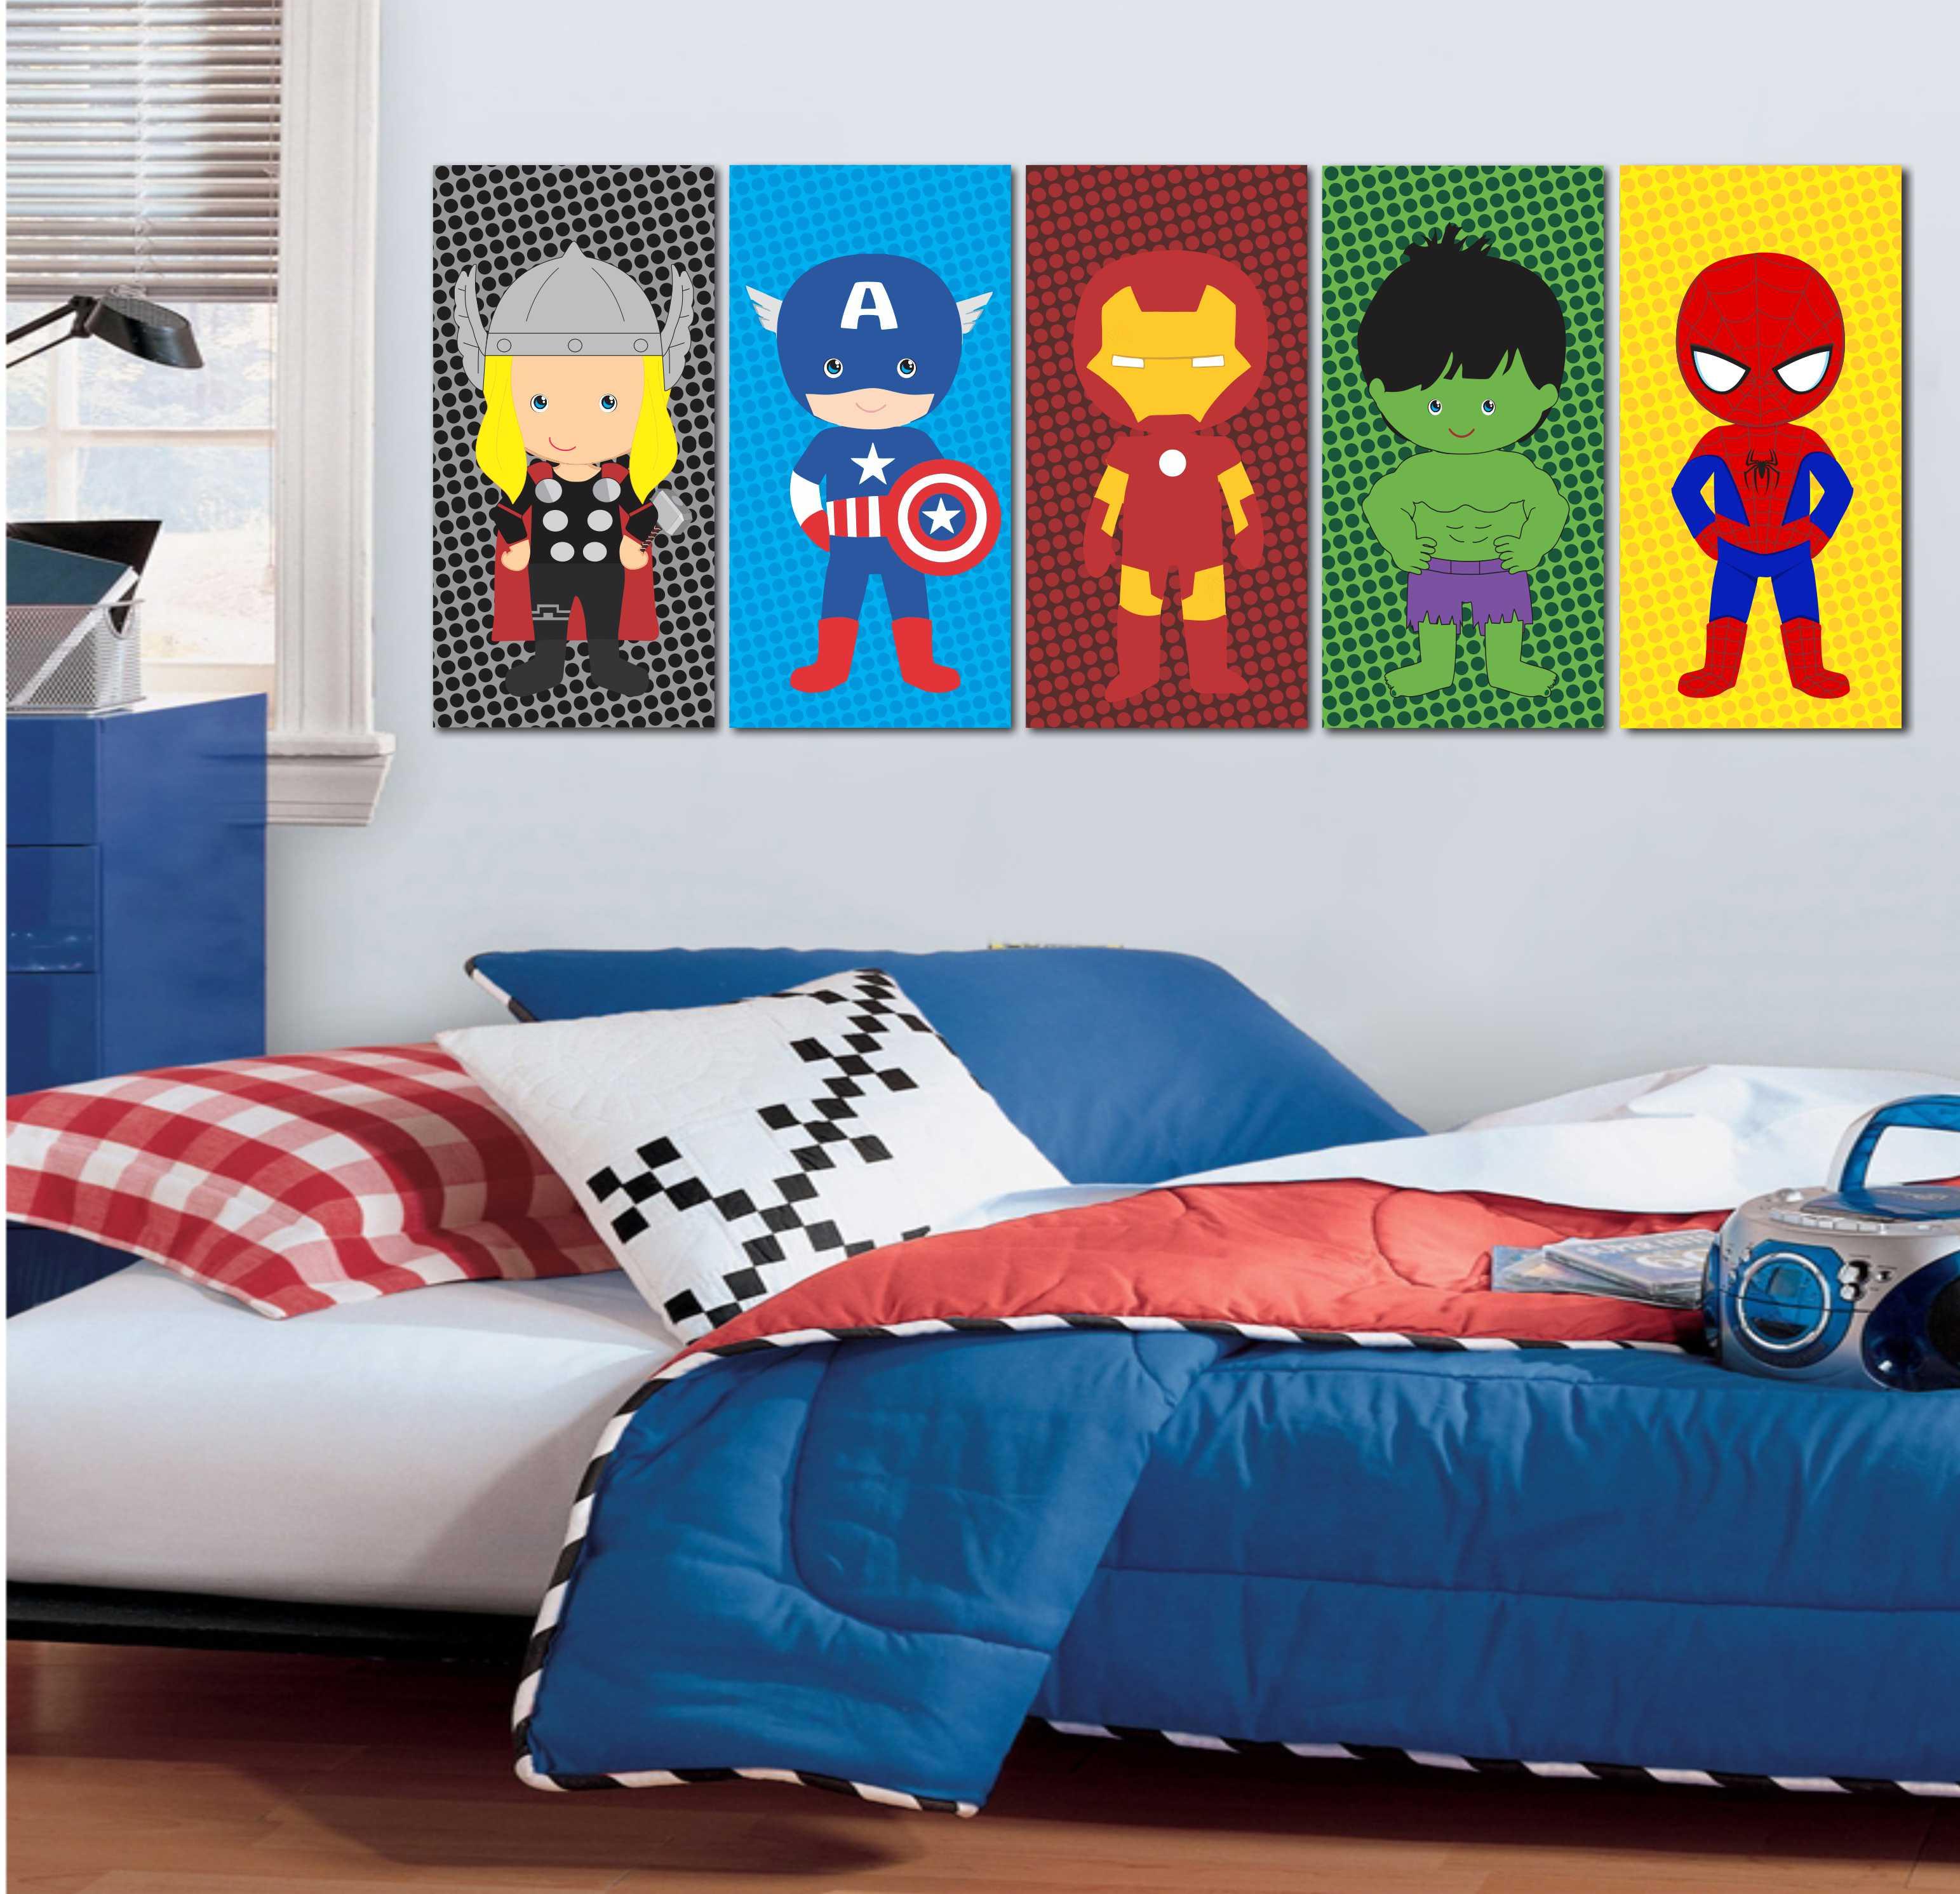 Papel De Parede Quarto Super Herois Redival Com ~ Papel De Parede Para Quarto Infantil Personagens